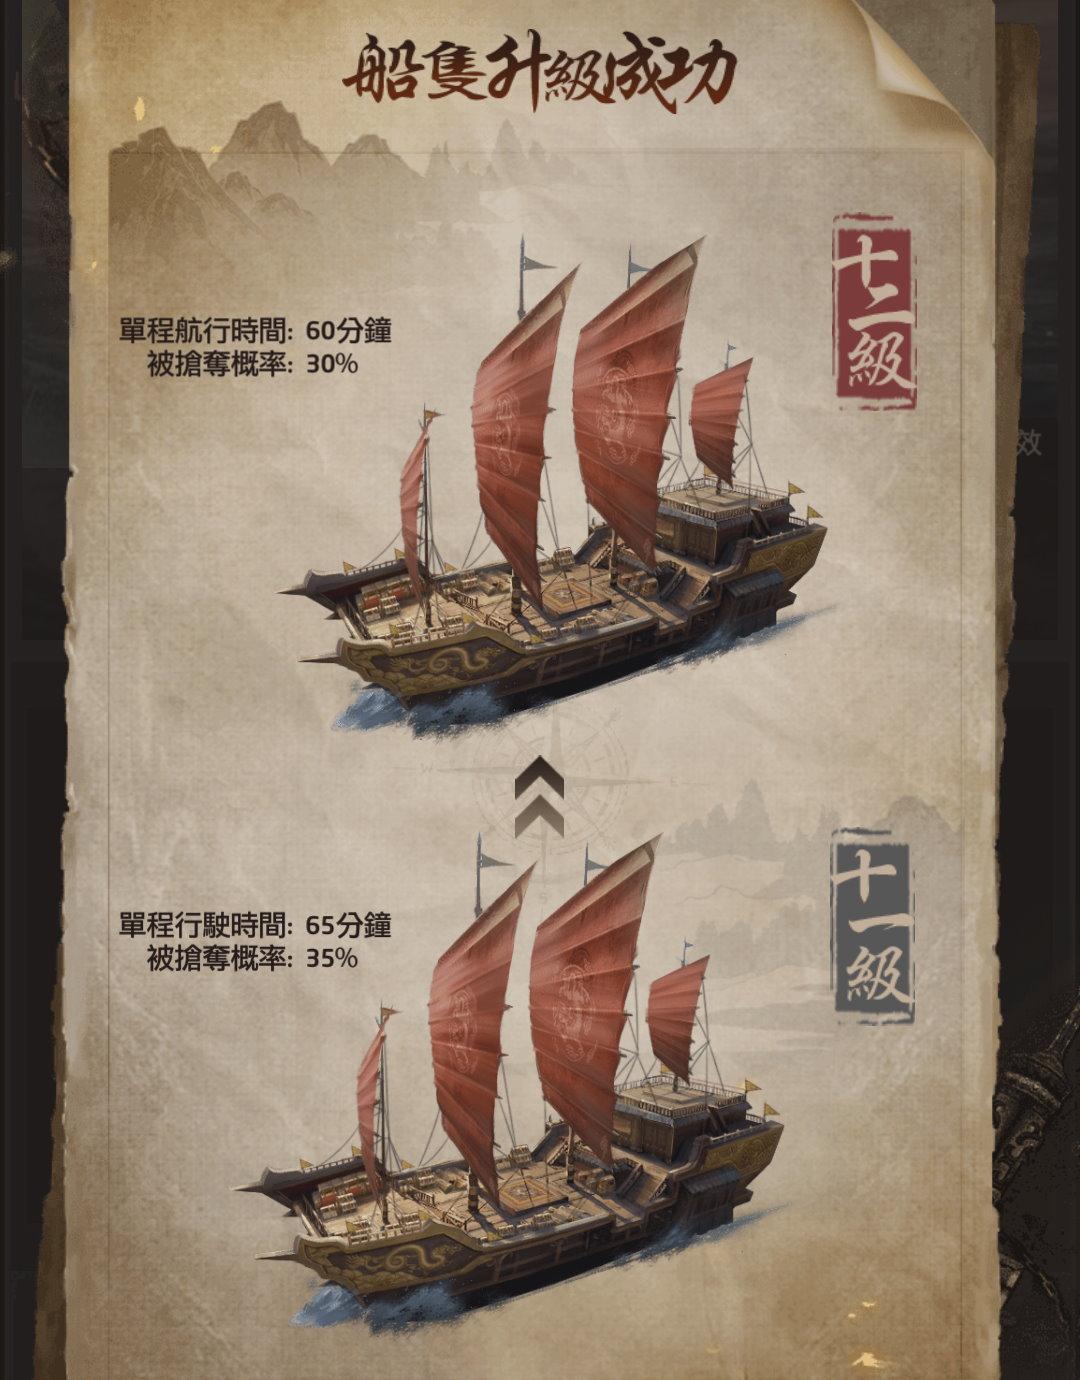 手機遊戲, 叫我官老爺, 大航海, 船隻升級